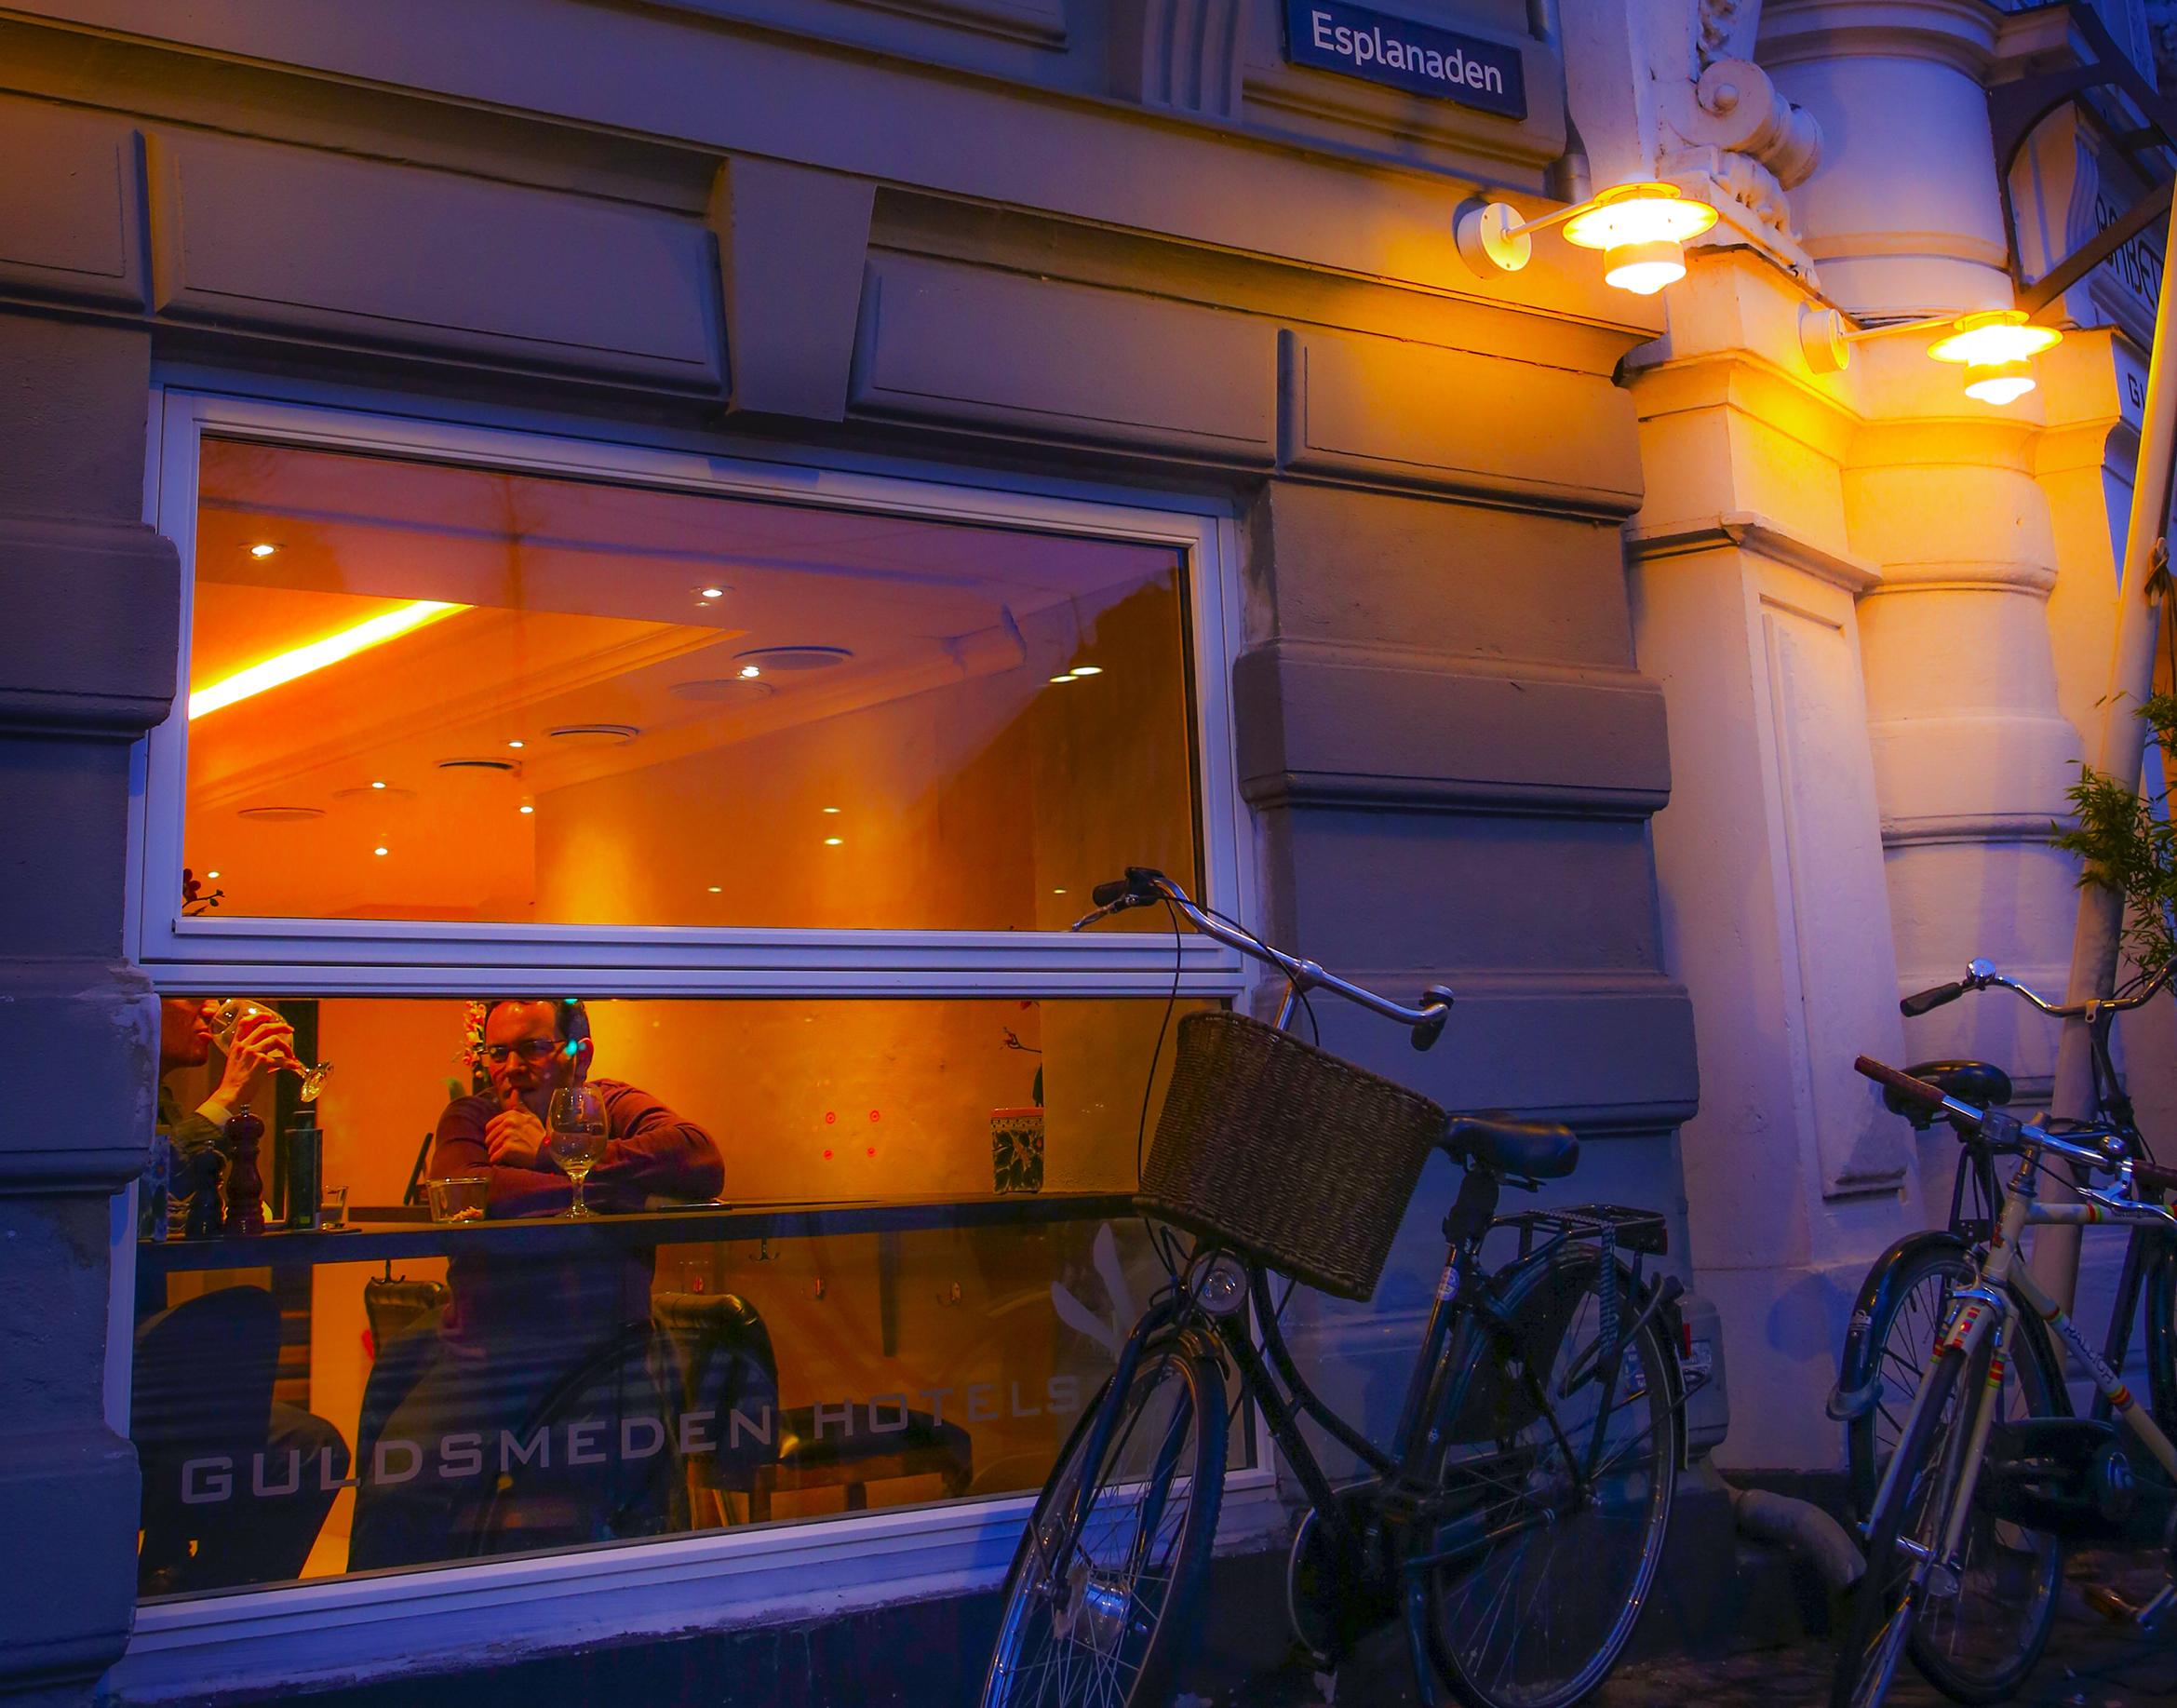 Babette Guldsmeden hotel i København